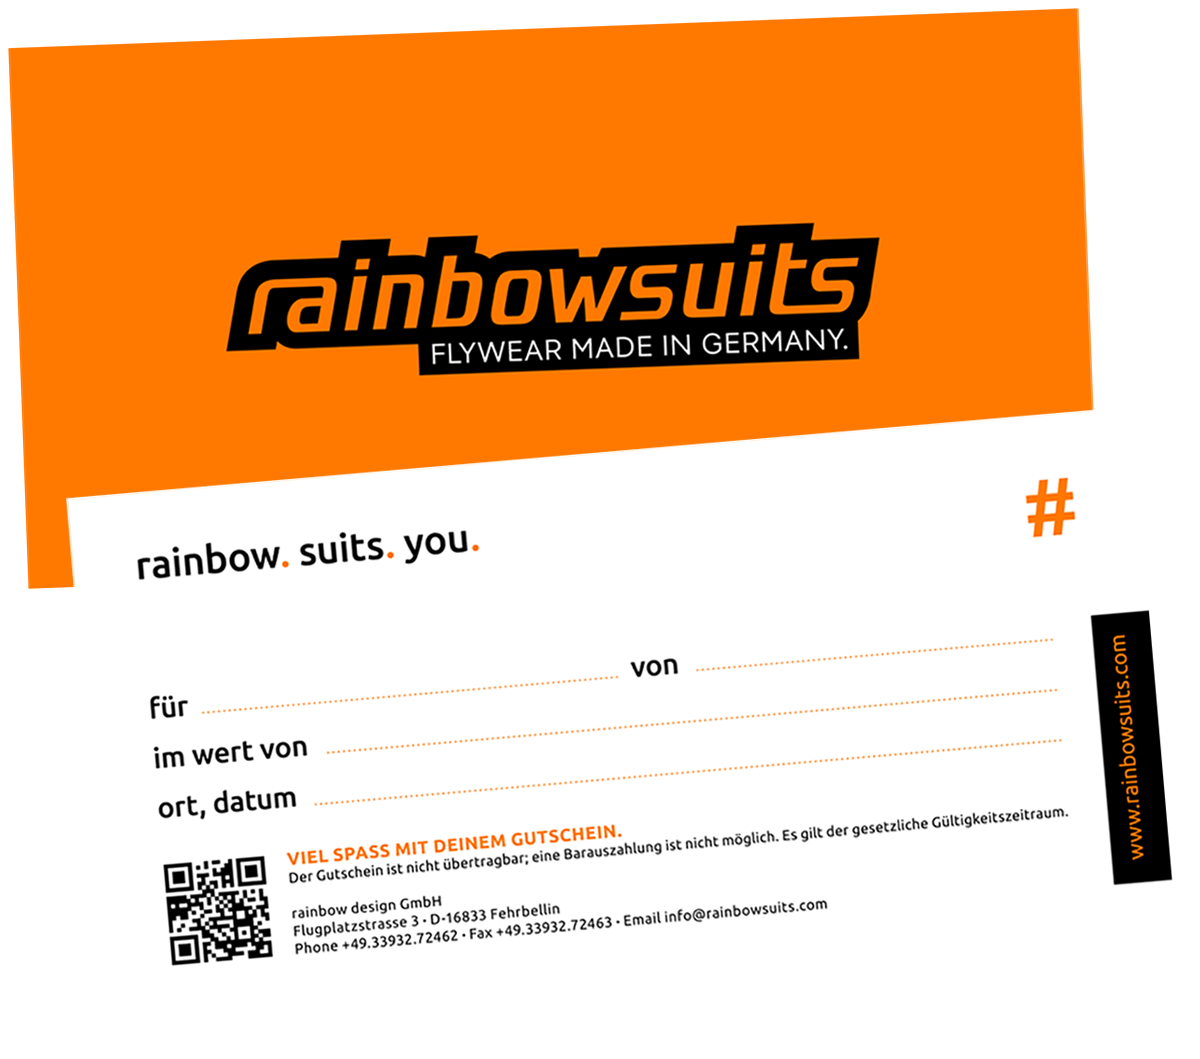 gutschein-rainbowsuits-freude-verschenken